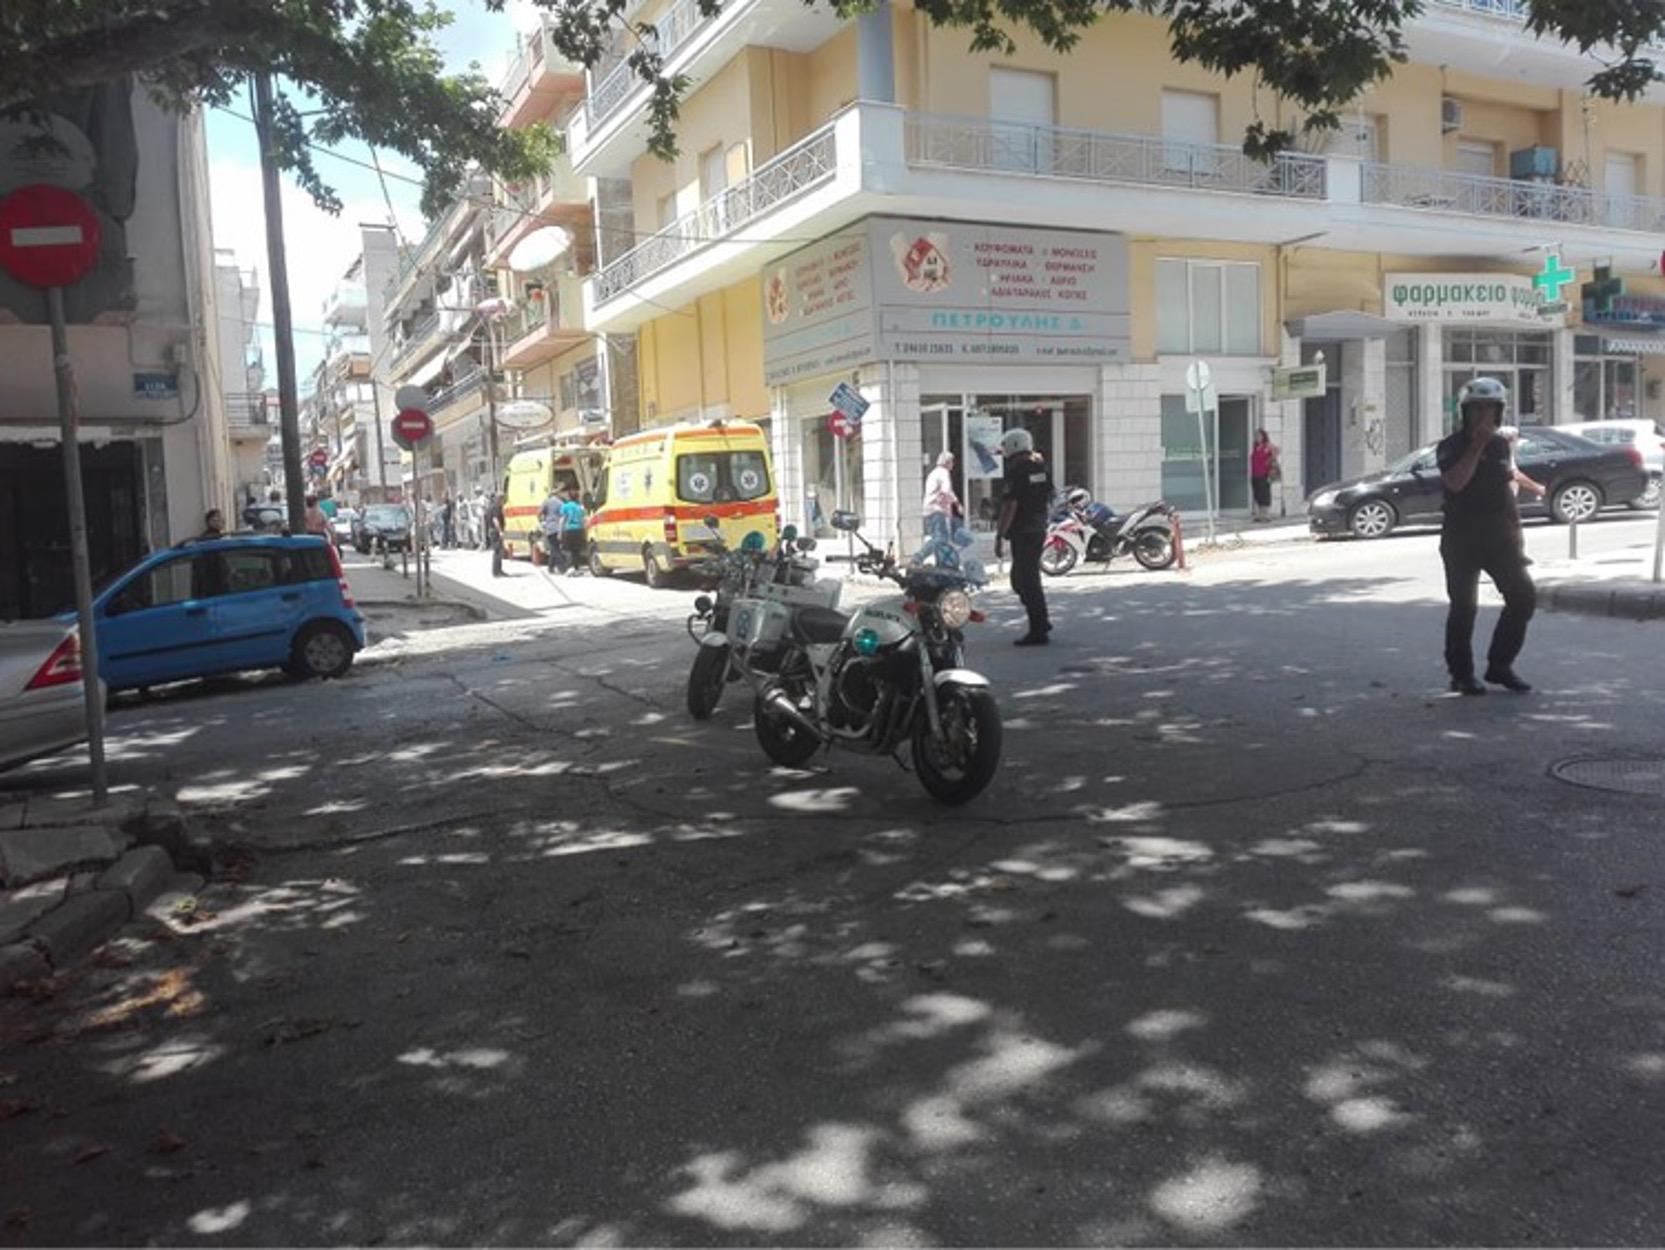 Άνδρας μπήκε με τσεκούρι, Κοζάνη: Άνδρας μπήκε με τσεκούρι στην Εφορία και χτύπησε υπαλλήλους! (video), Eviathema.gr | Εύβοια Τοπ Νέα Ειδήσεις